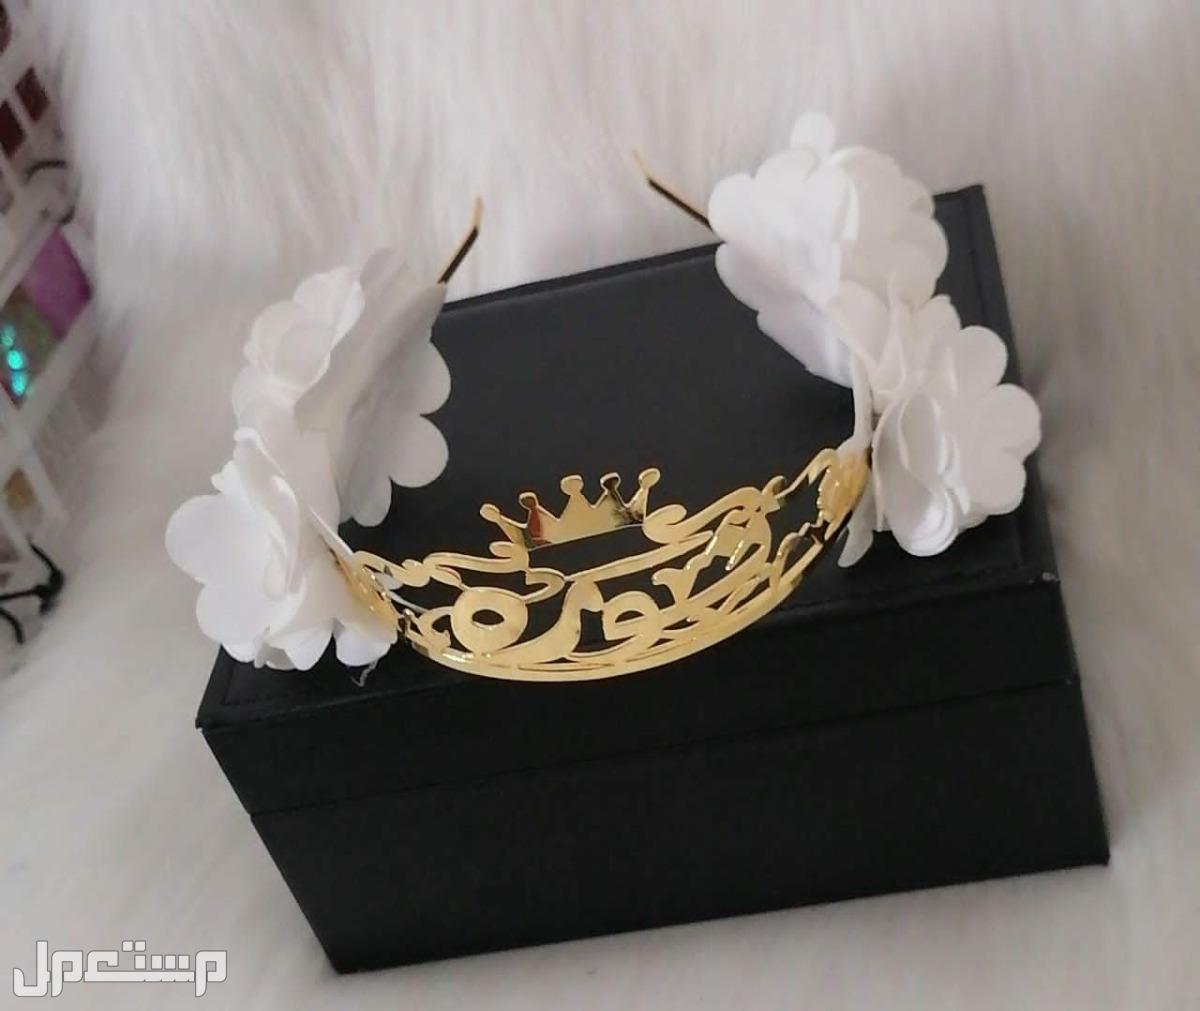 تاج مطلي بالذهب تصميم الاسم حسب الطلب